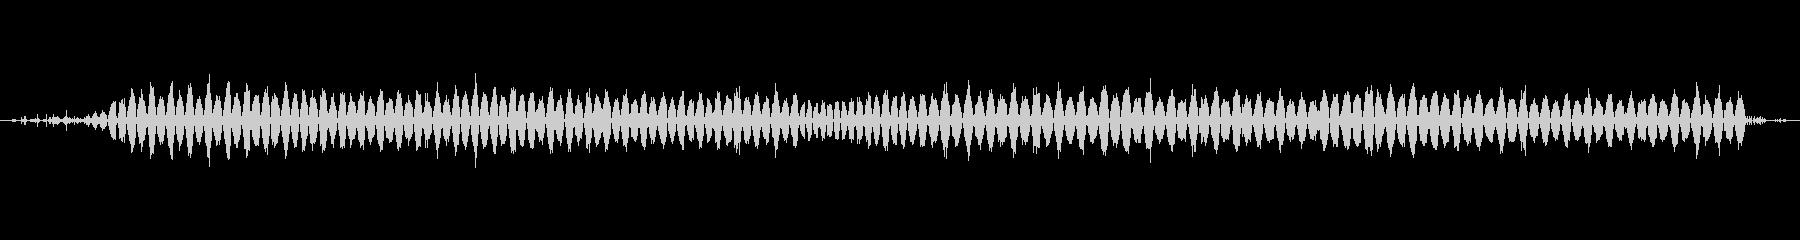 サンドペーパー、ツール; DIGI...の未再生の波形